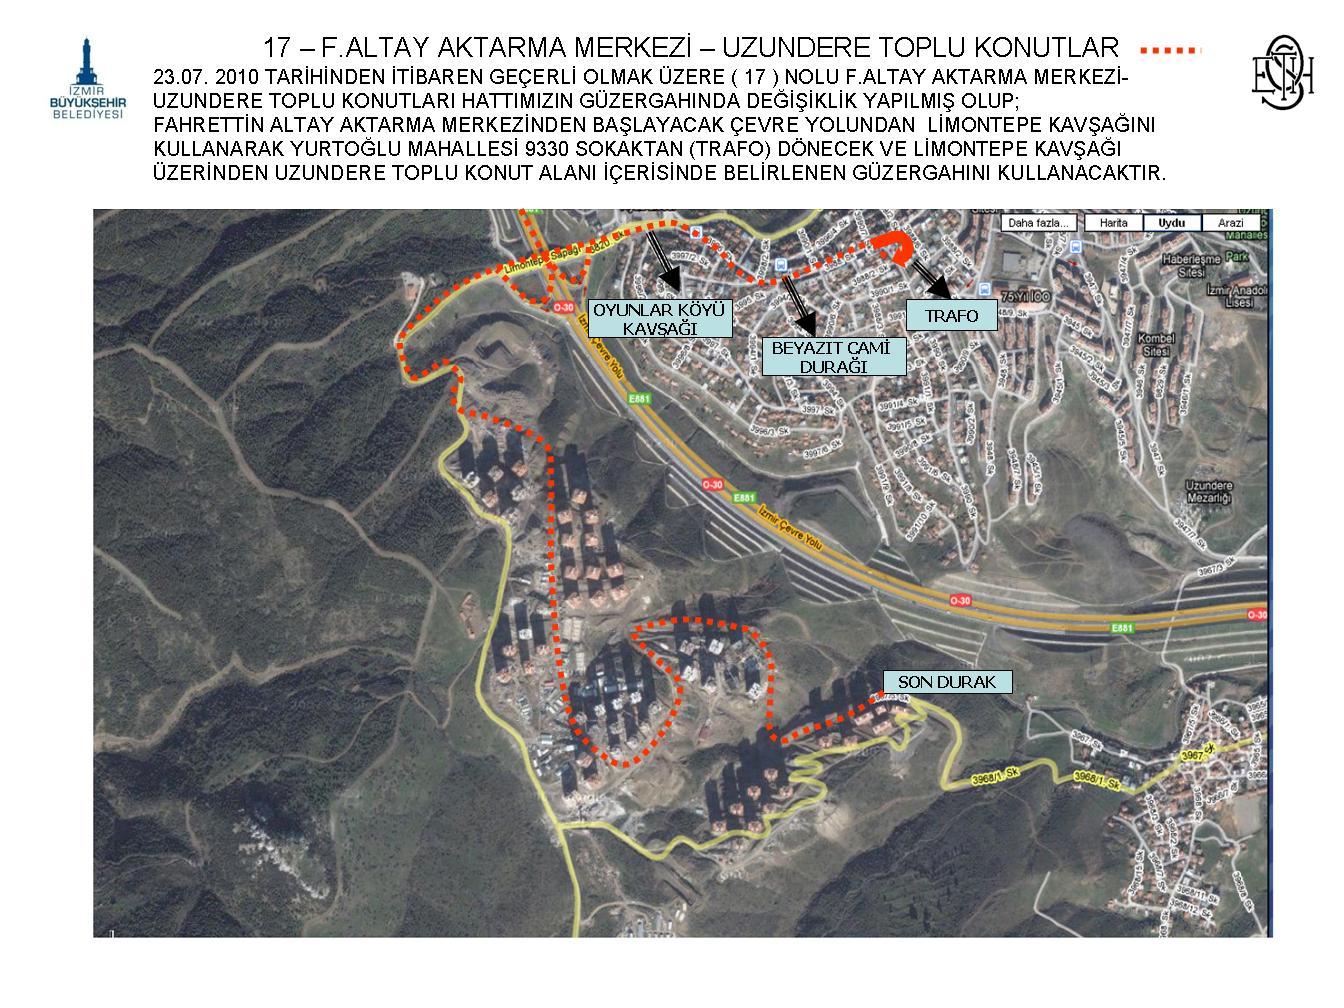 17 - Fahrettin Altay - Toki Uzundere Konutları Otobüs Güzergahı